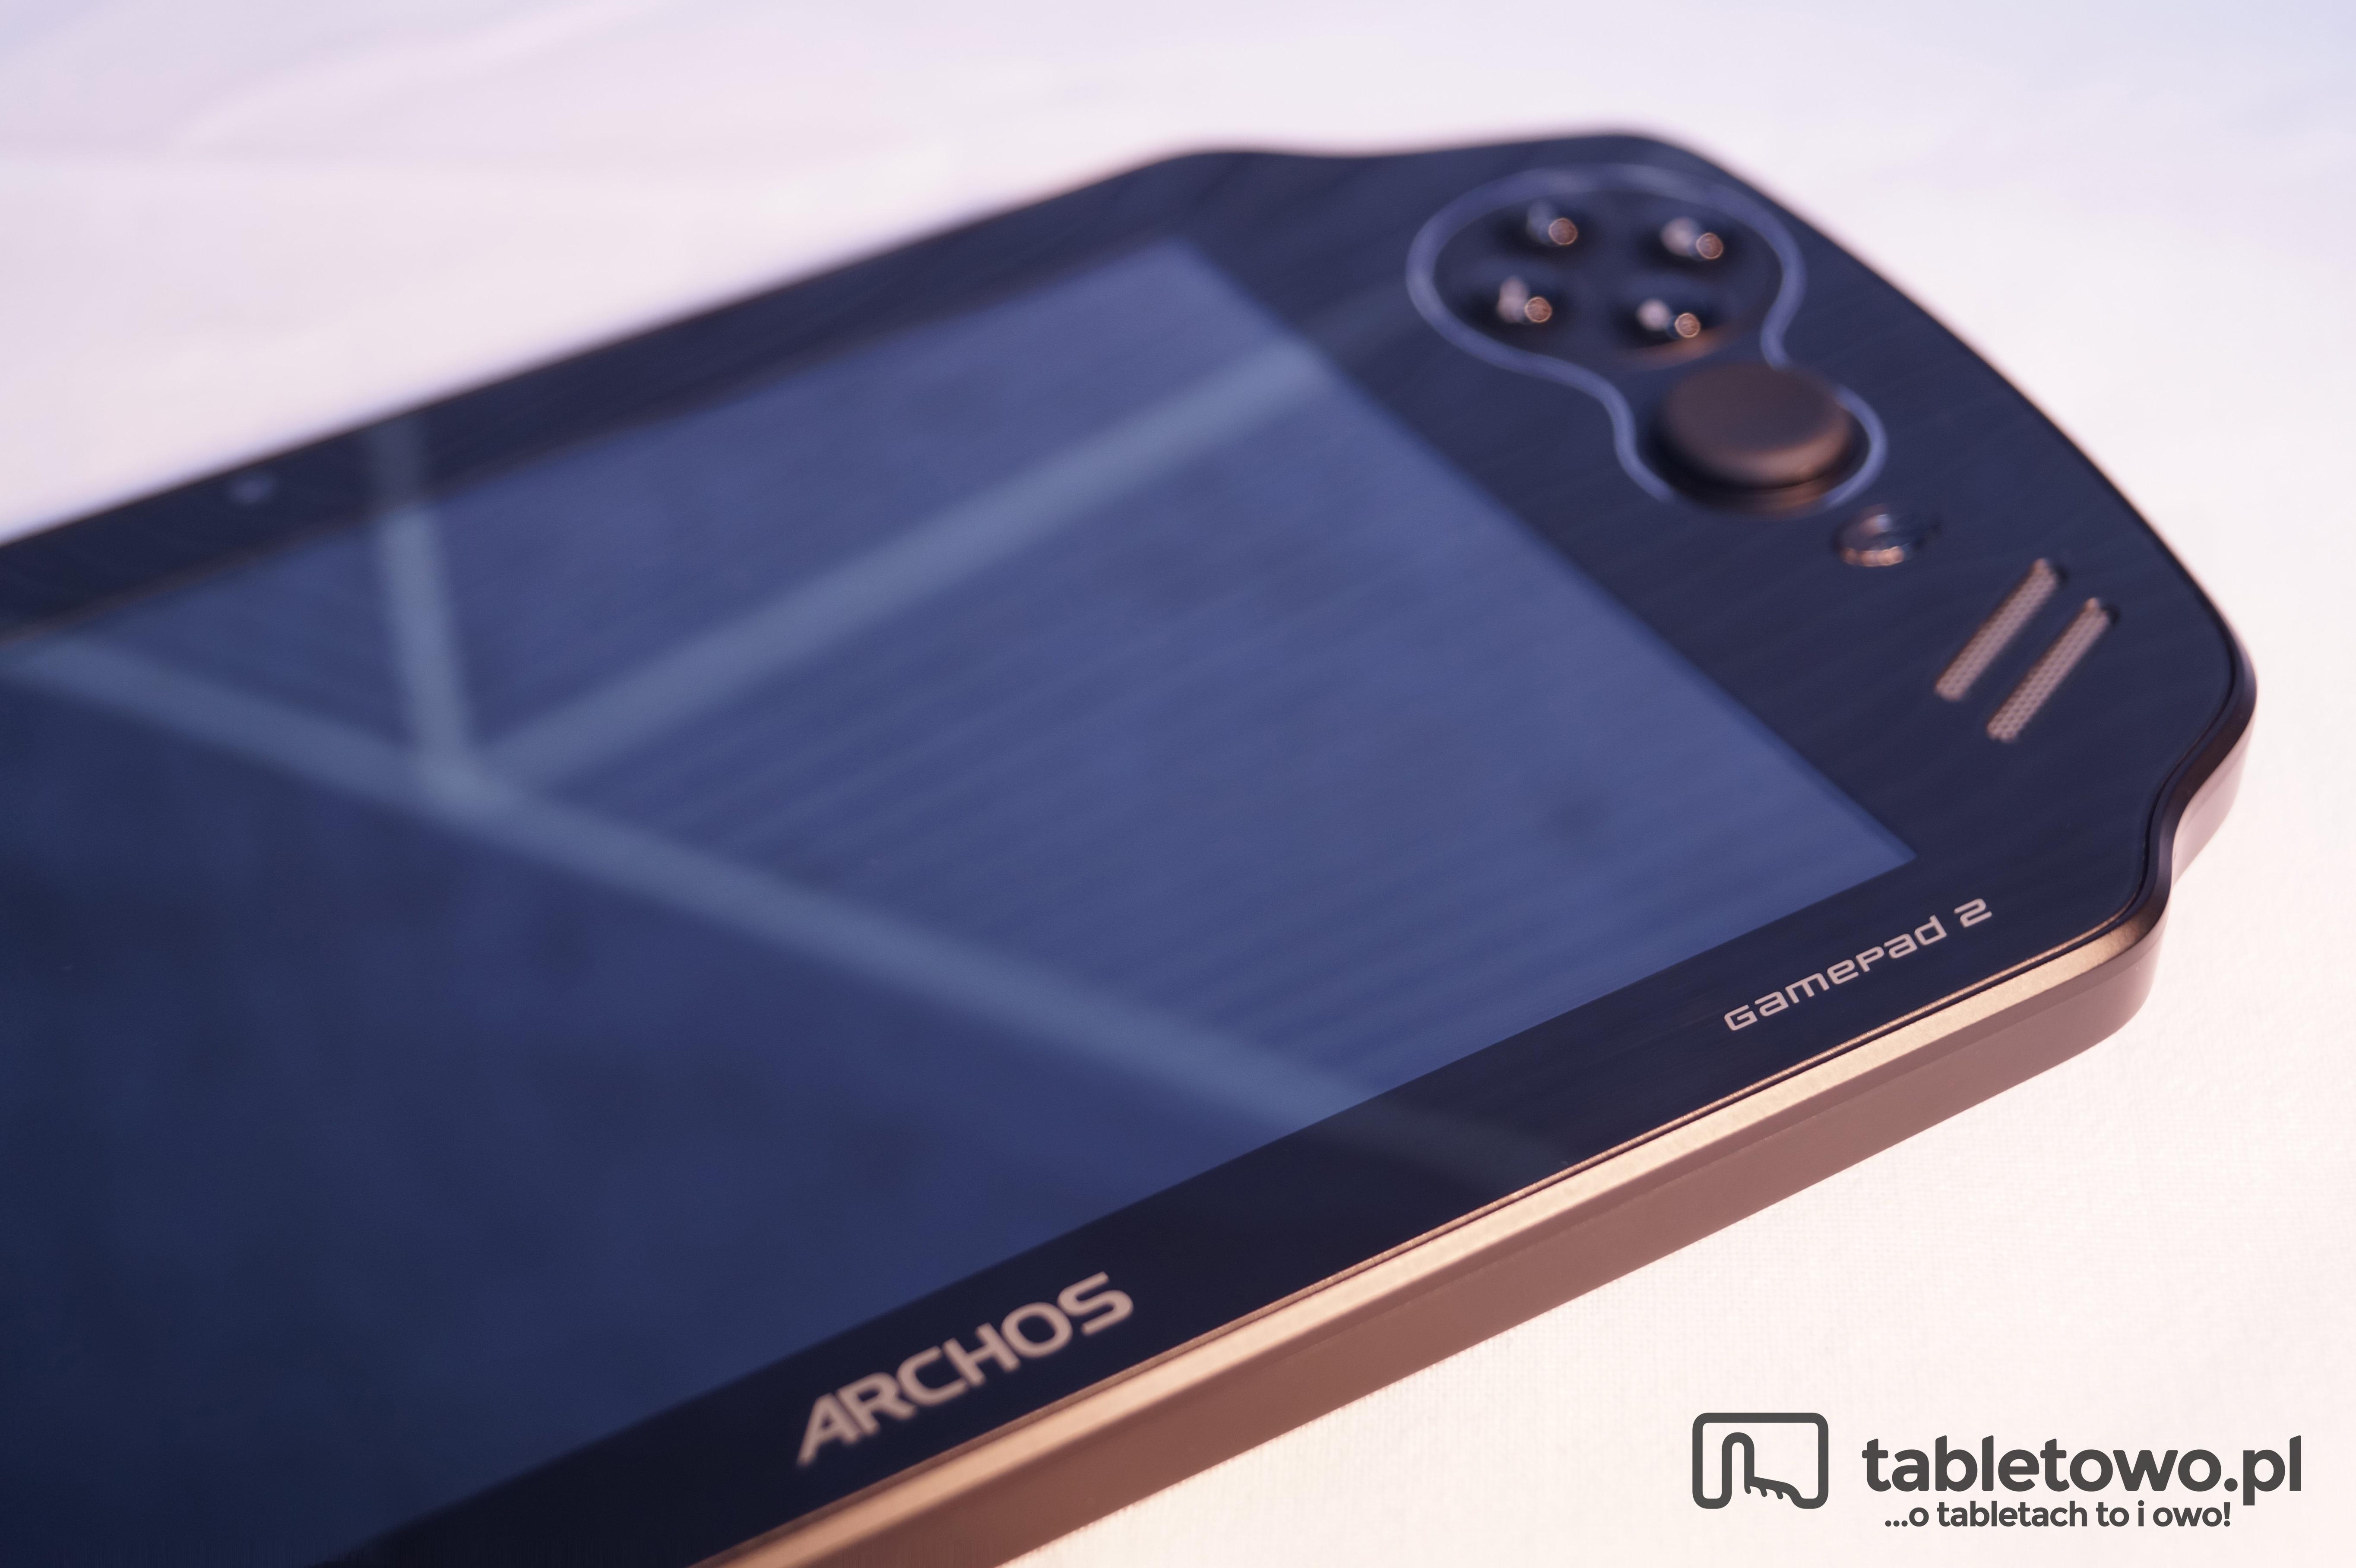 Tabletowo.pl Recenzja Archos Gamepad 2 - tablet czysto rozrywkowy Android Archos Recenzje Tablety